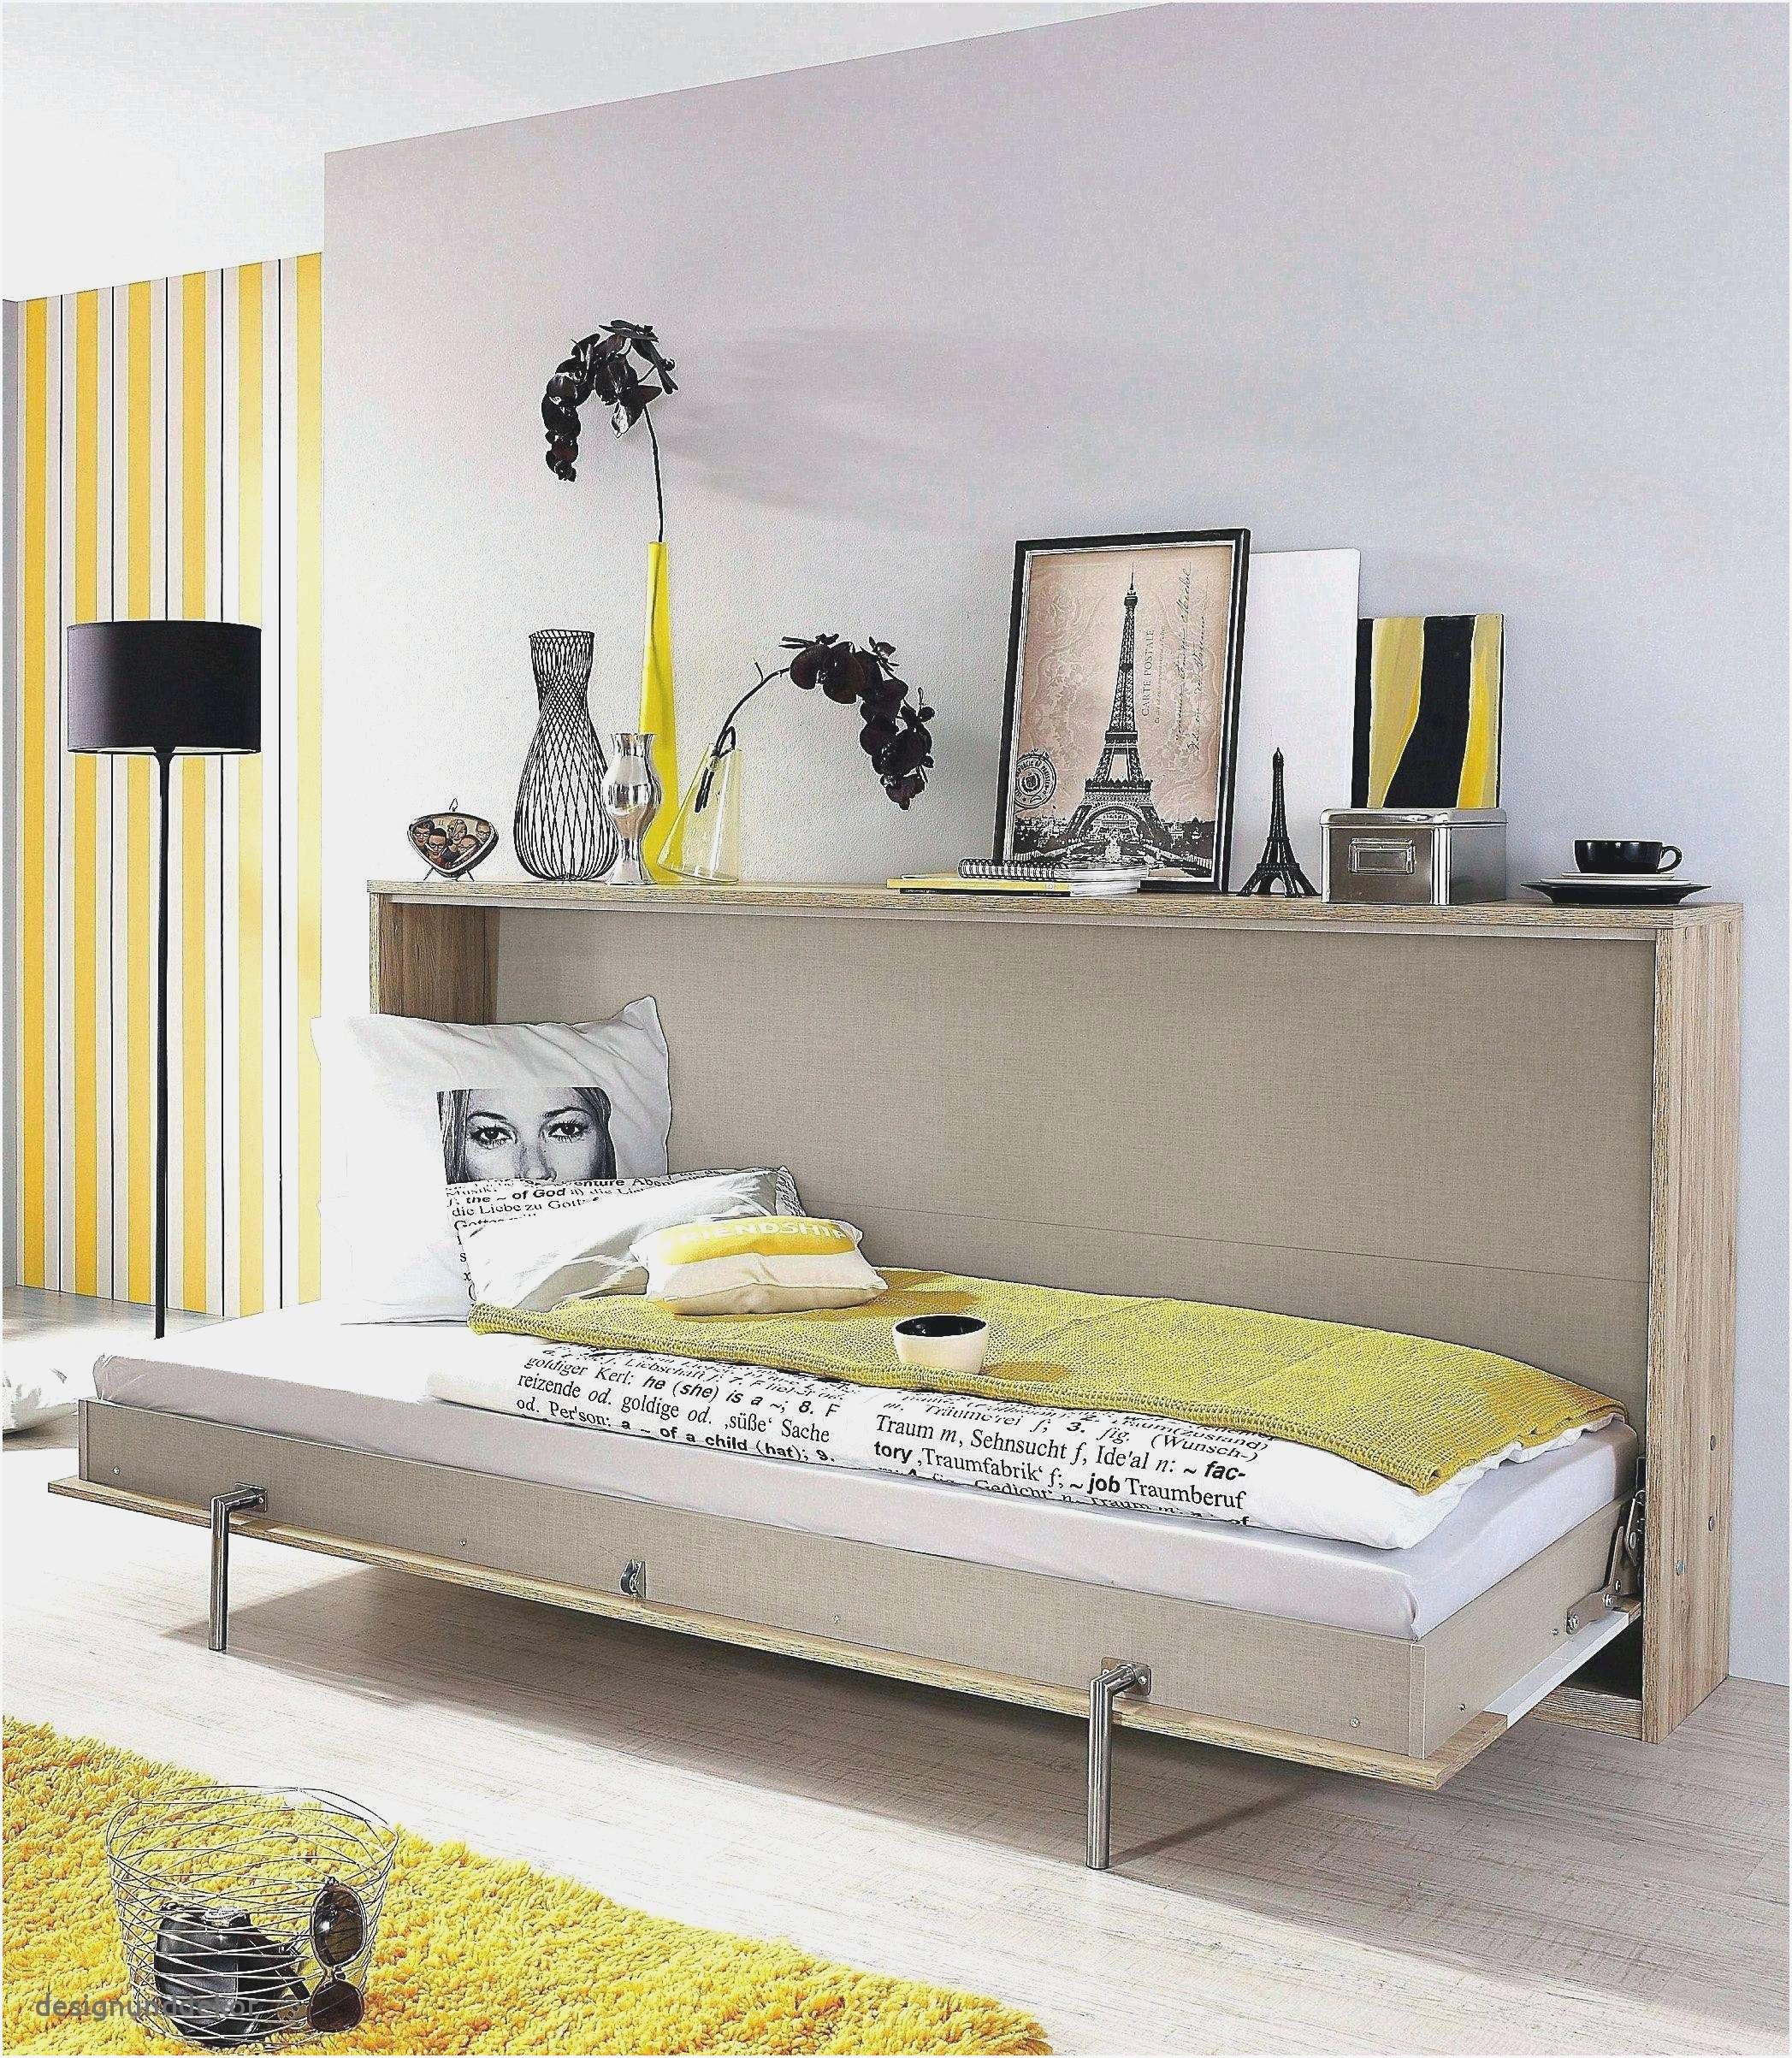 Full Size of Wanddeko Schlafzimmer Ikea Traumhaus Dekoration Schranksysteme Kronleuchter Luxus Schränke Wandtattoo Romantische Komplette Deckenleuchte Modern Massivholz Wohnzimmer Wanddeko Schlafzimmer